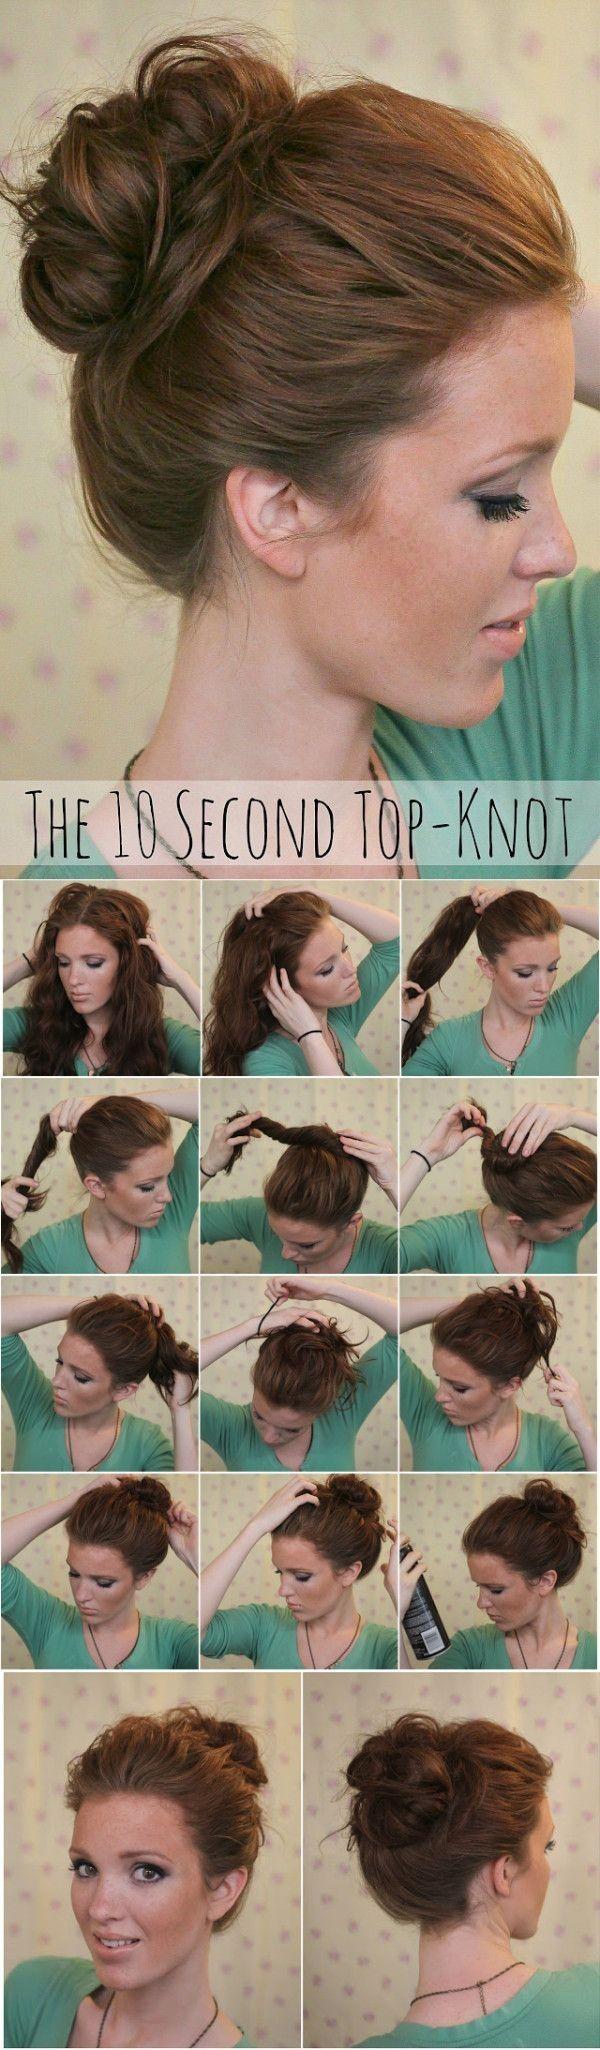 Kurze Frisur Tutorials Für Büro Frauen 18 Zopffrisuren